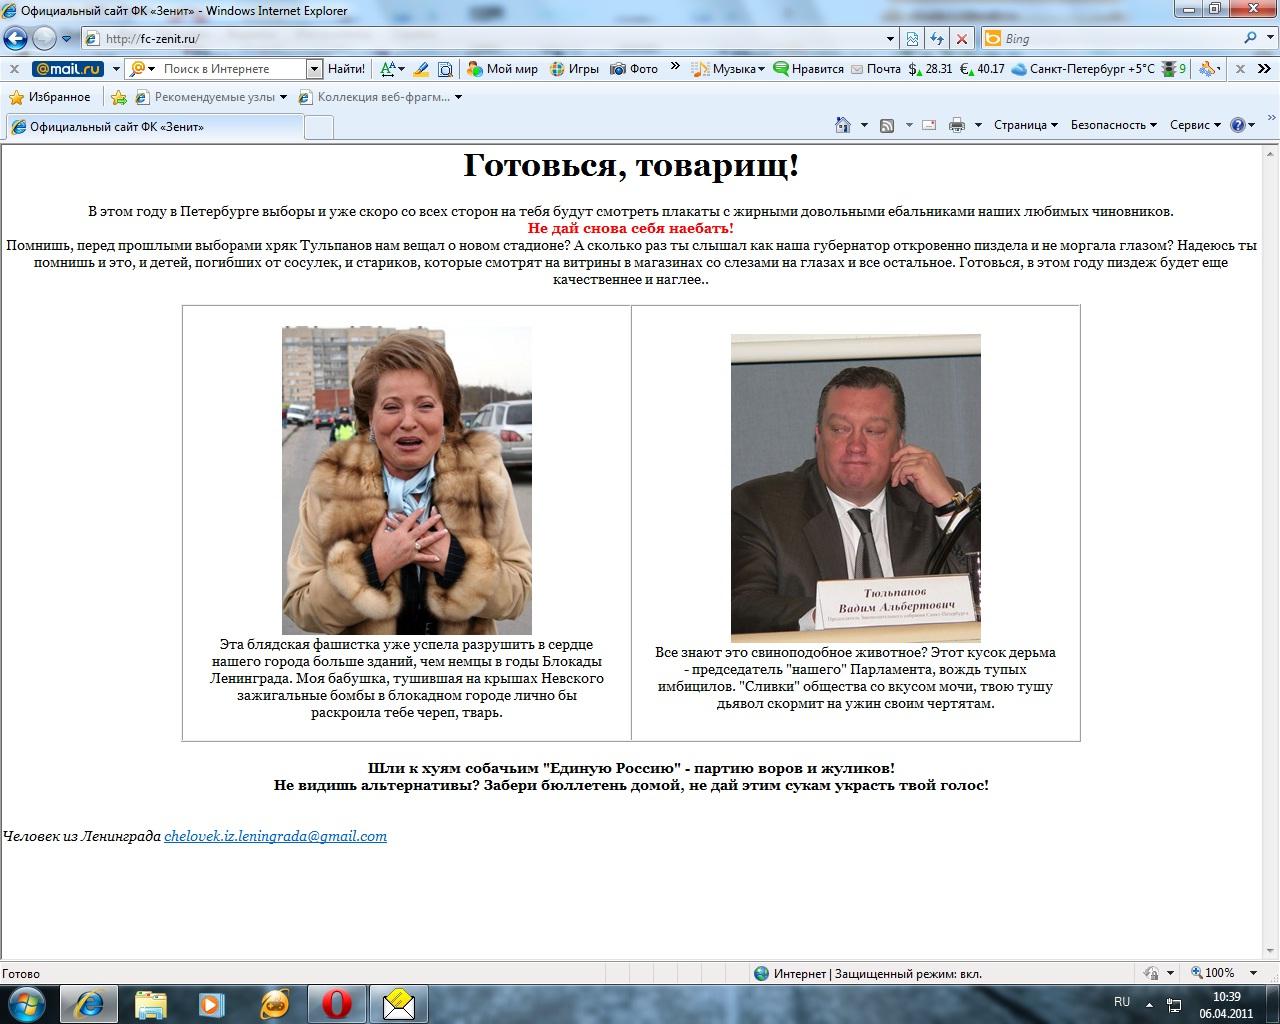 Официальный сайт Зенита подвергся атаке хакеров. Вместо главной